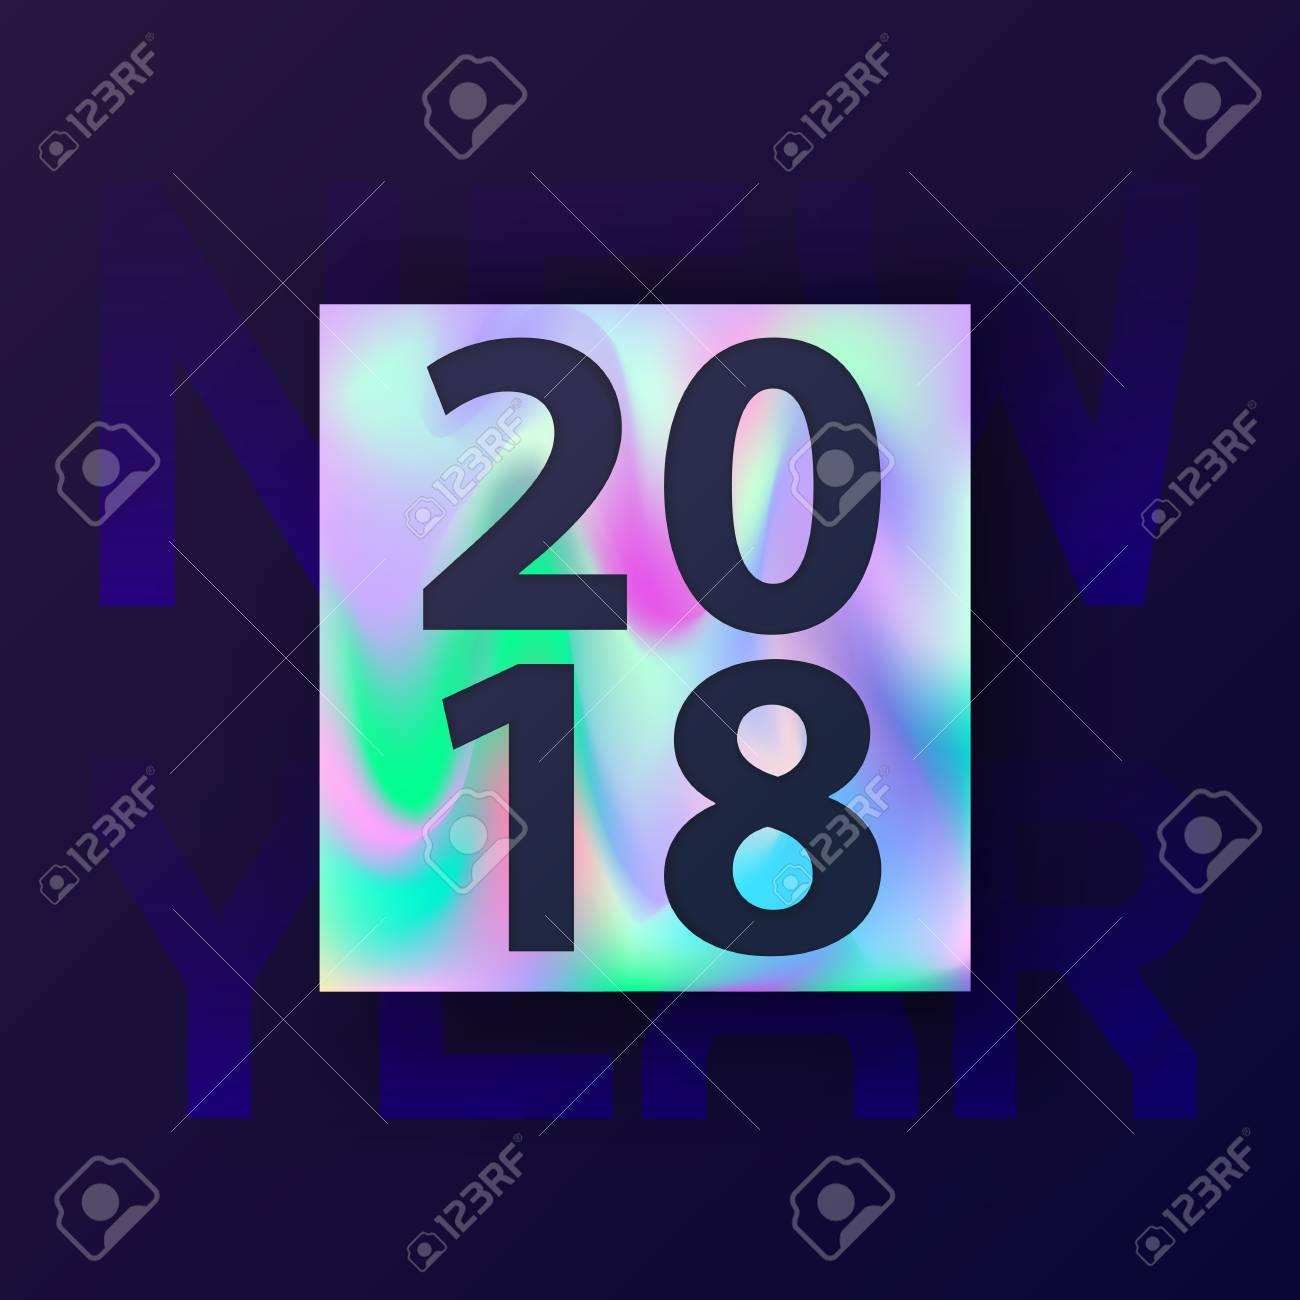 2018 Tarjeta De Año Nuevo Con Fondo Holográfico Diseño De Portada